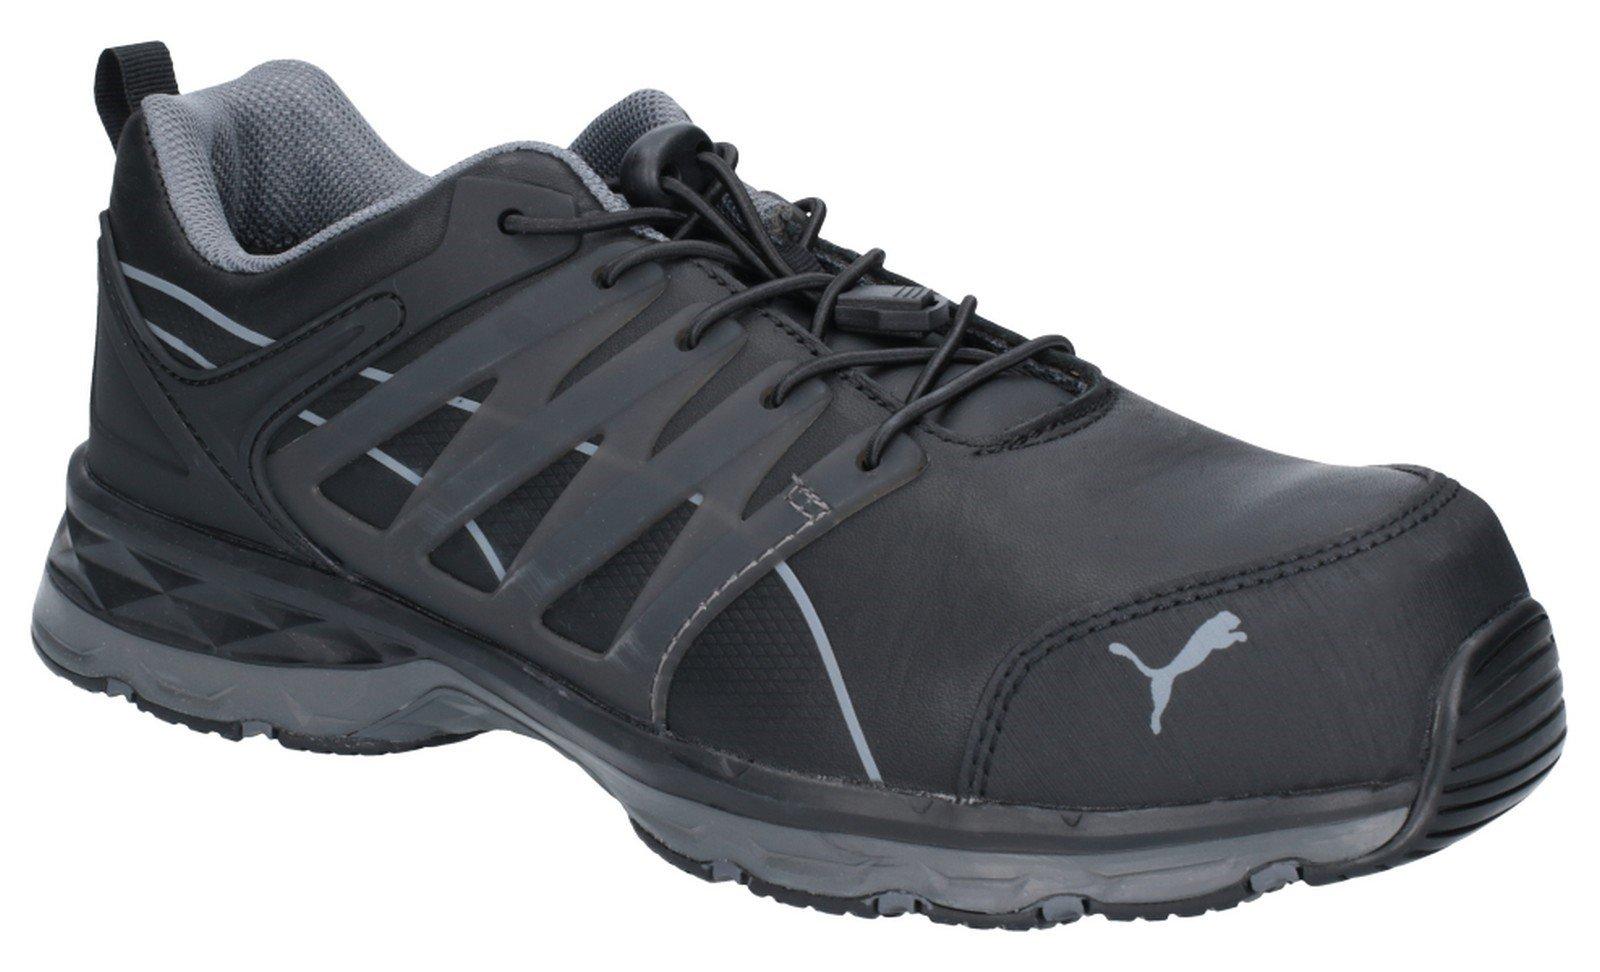 Puma Safety Unisex Velocity 2.0 Lace Up Trainer Black 28946 - Black 6